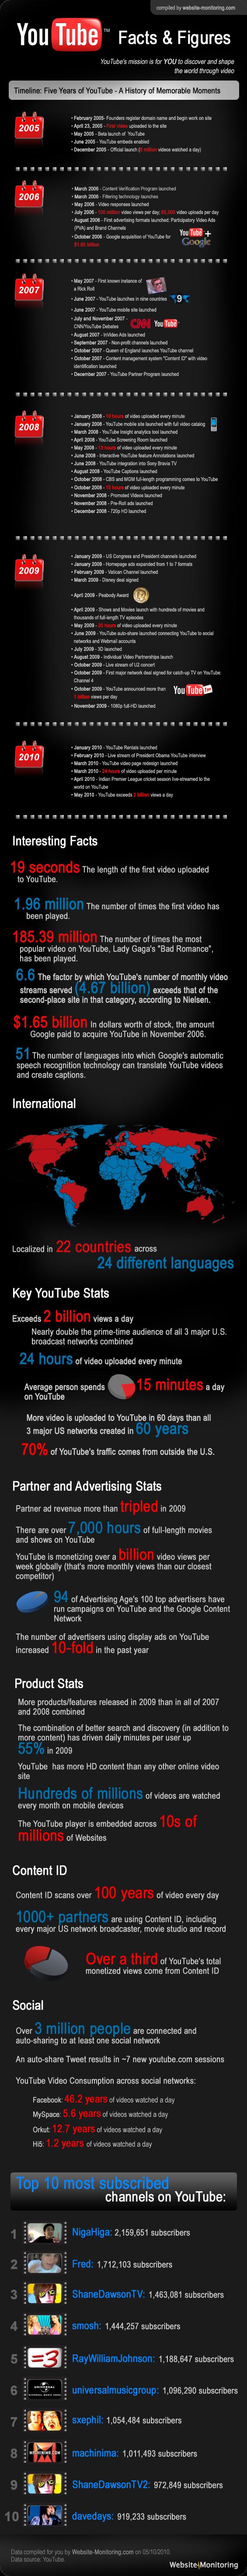 YouTube feiert Geburtstag: die wichtigsten Daten, Fakten und Meilensteine